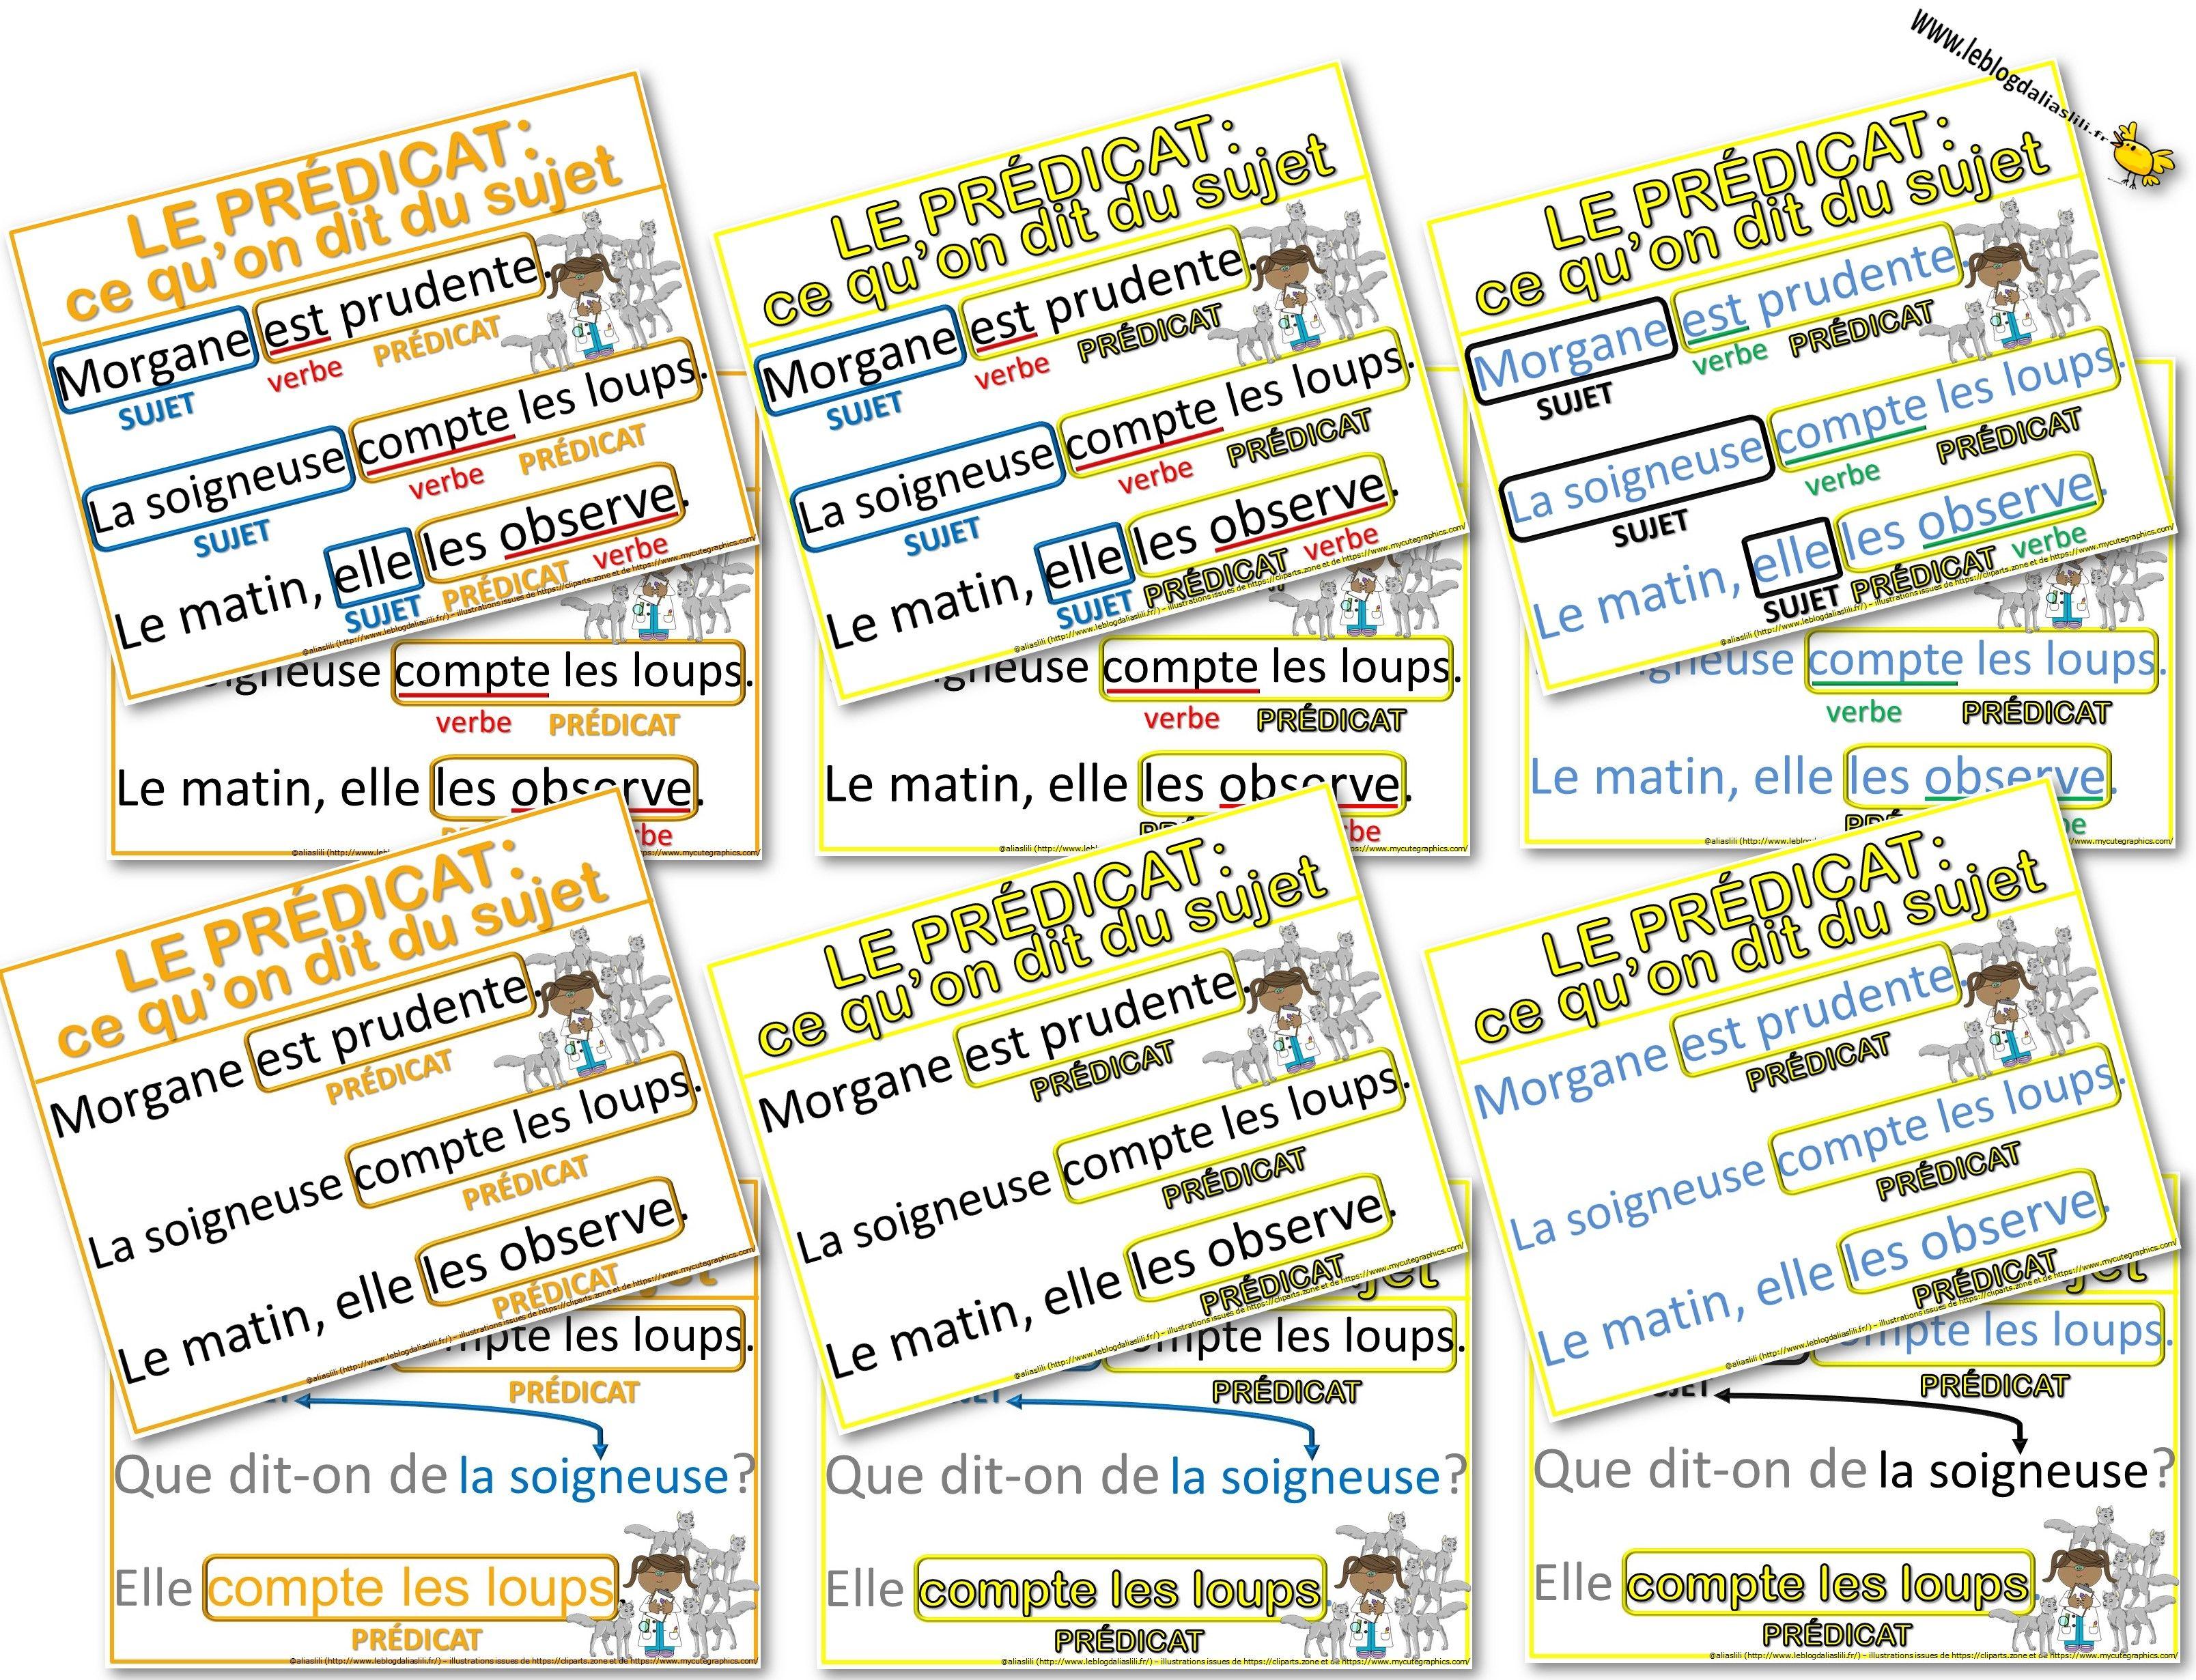 Affiches Autour De La Notion De Predicat En Lien Avec La Grammaire Au Jour Le Jour Tome 2 Le Blog D Aliaslili Bullet Journal Journal